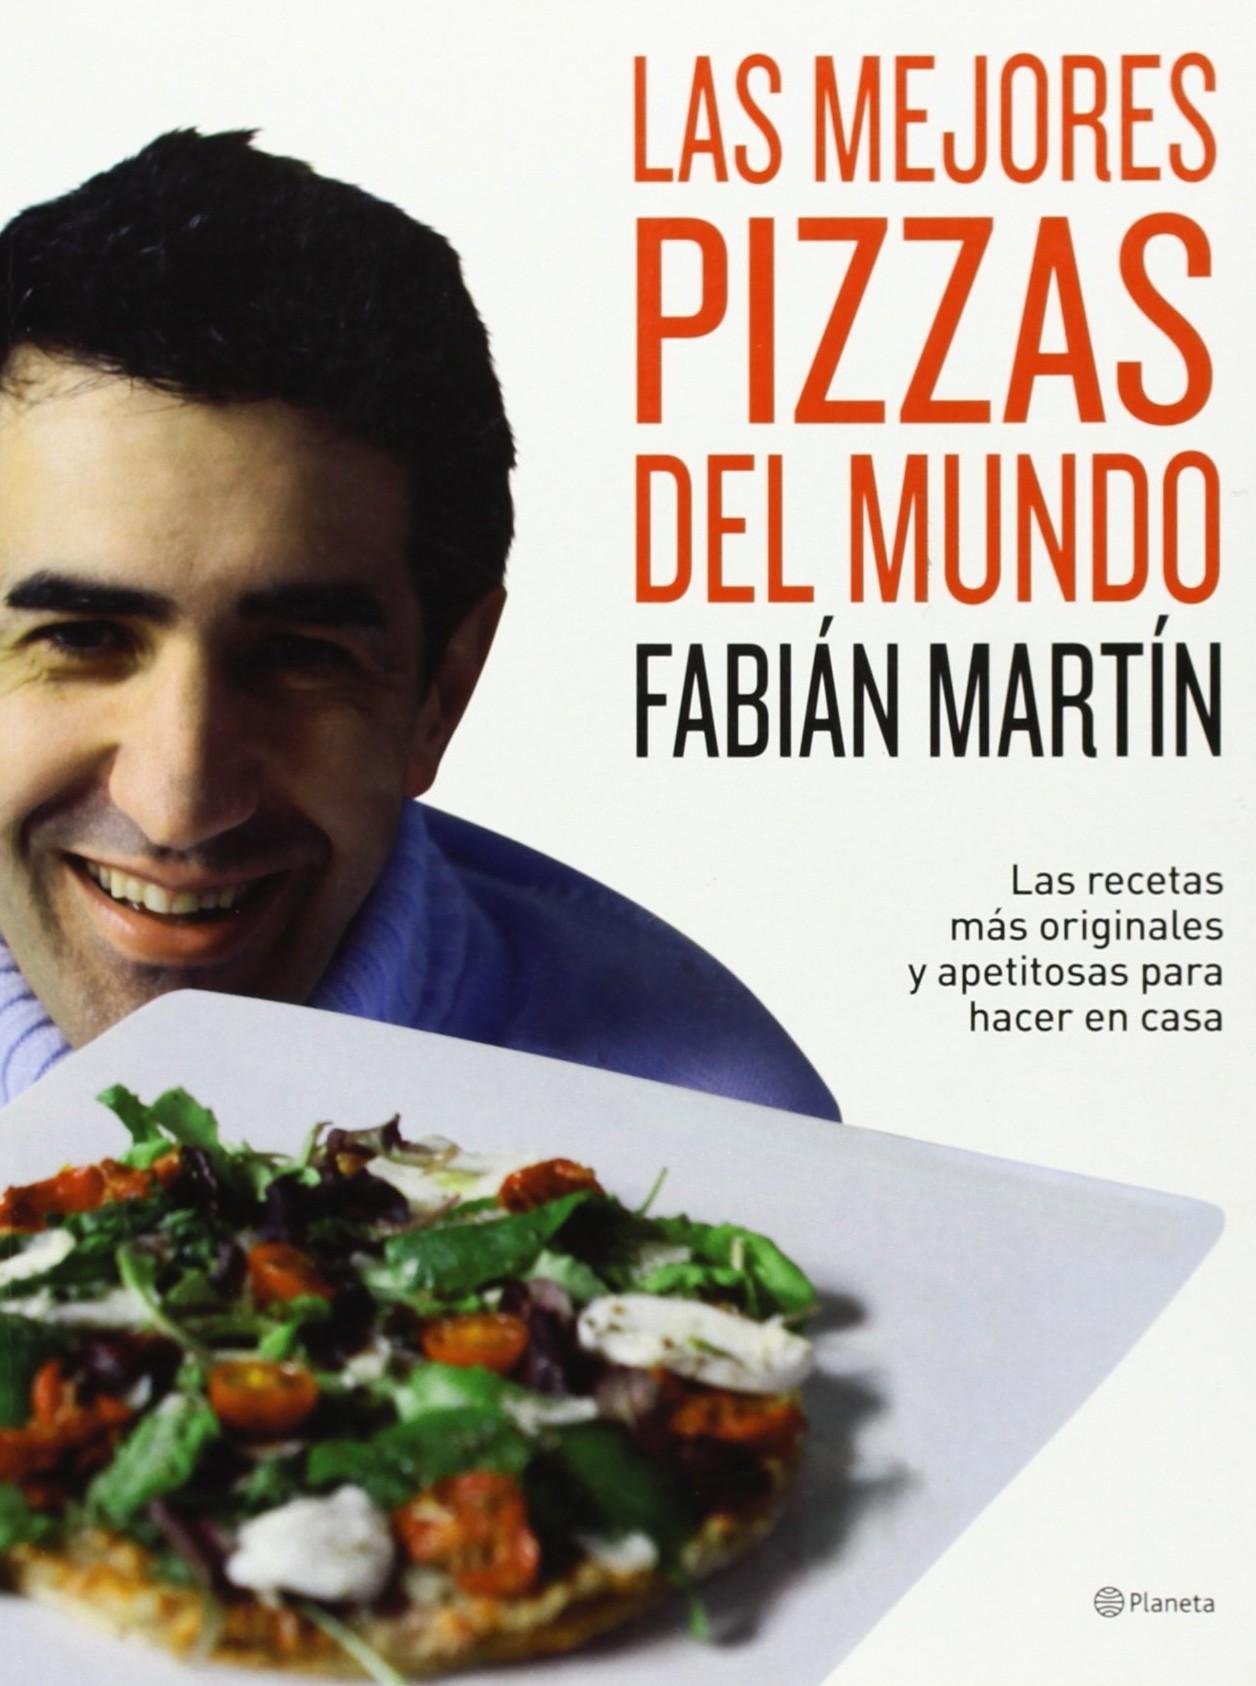 Las Mejores Pizzas del Mundo